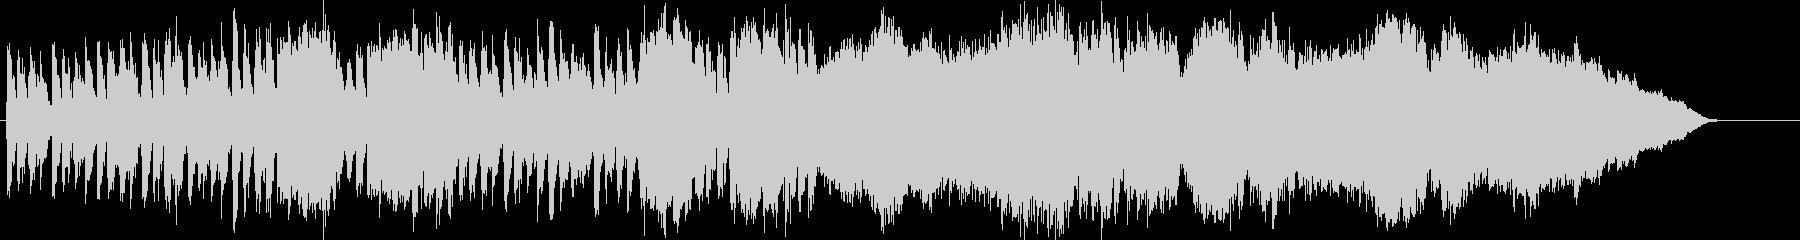 場面転換等に使えるほのぼの系オーケストラの未再生の波形